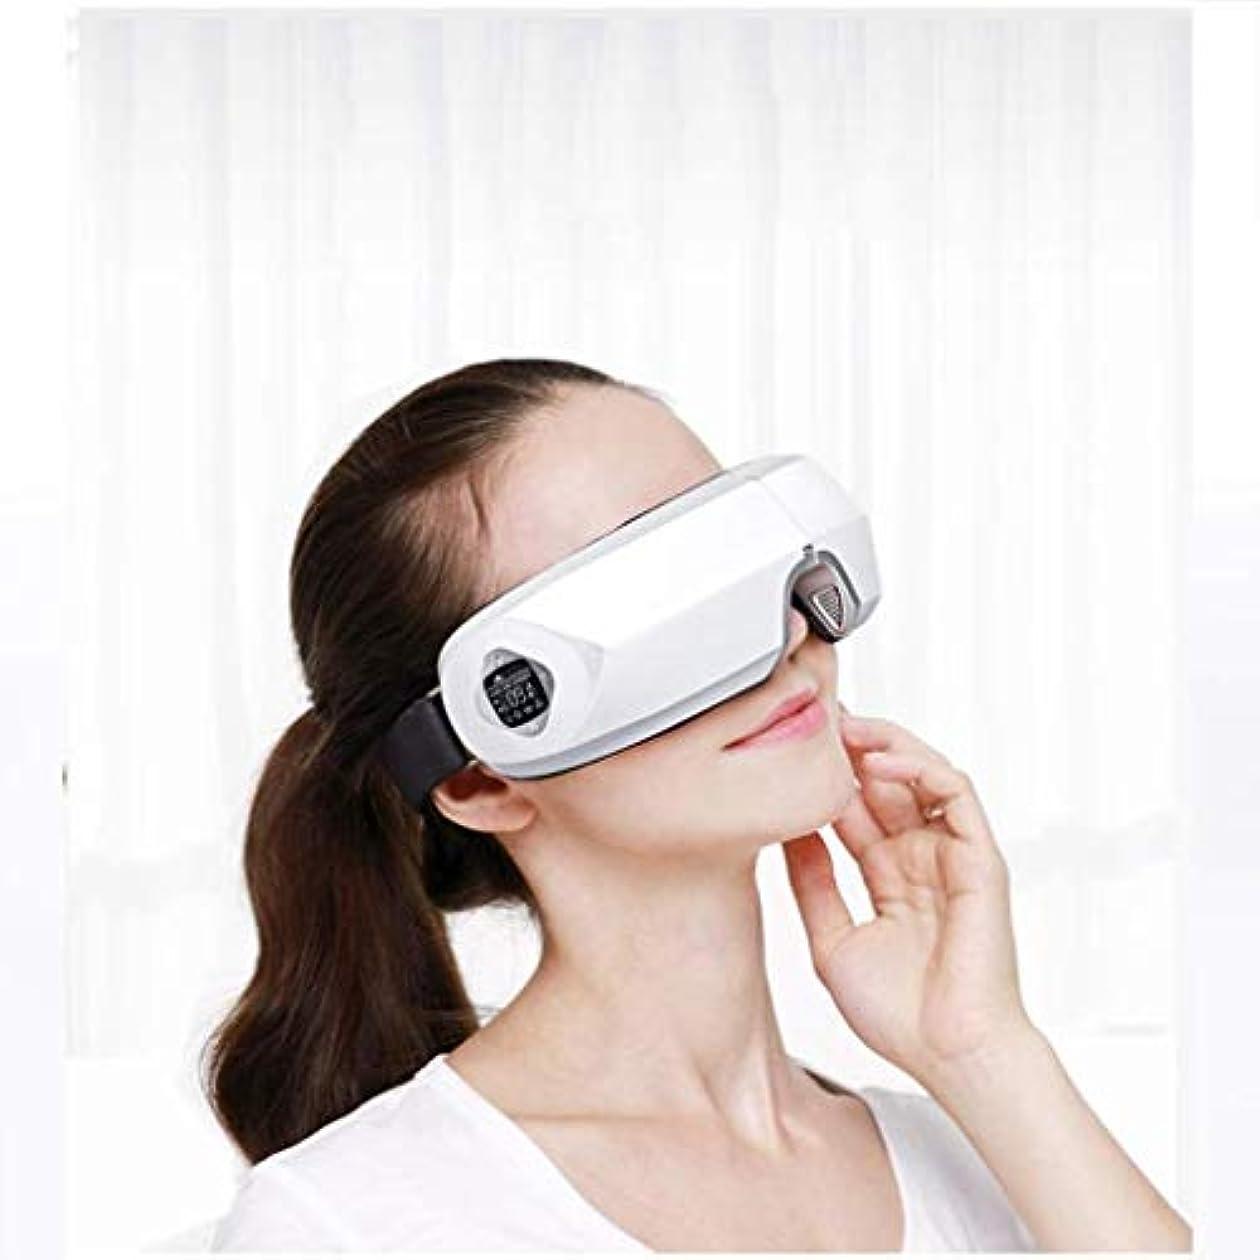 アイマッサージャー、折り畳み式ポータブルマイナスイオンアイマッサージアイプロテクター、視力を保護し、疲労を軽減する熱アイマスク